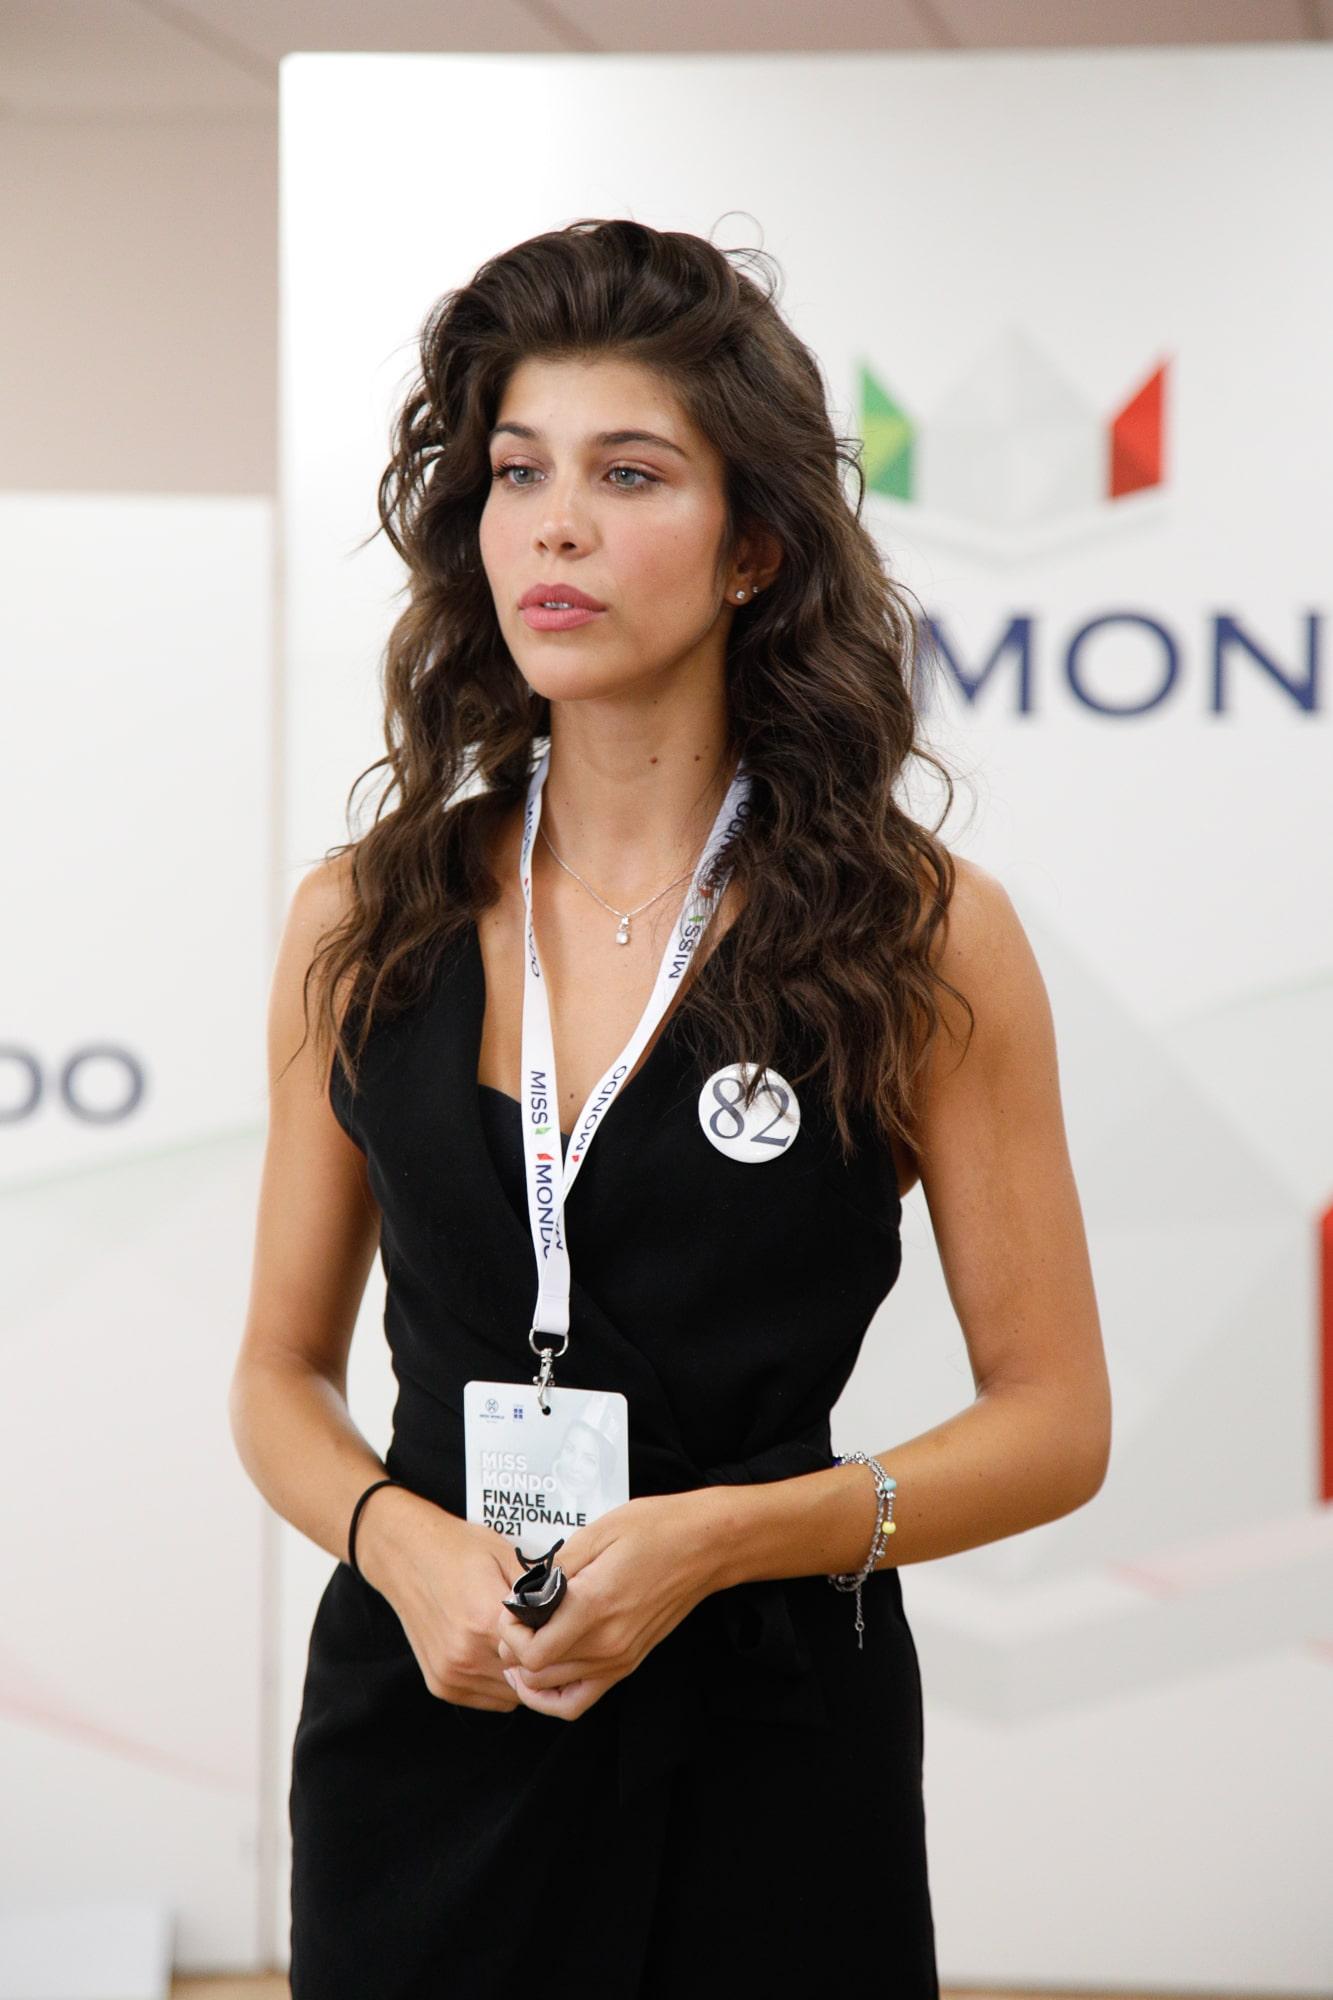 Terzo passaggio giuria per le ragazze di Missmondo Italia 2021 - 10